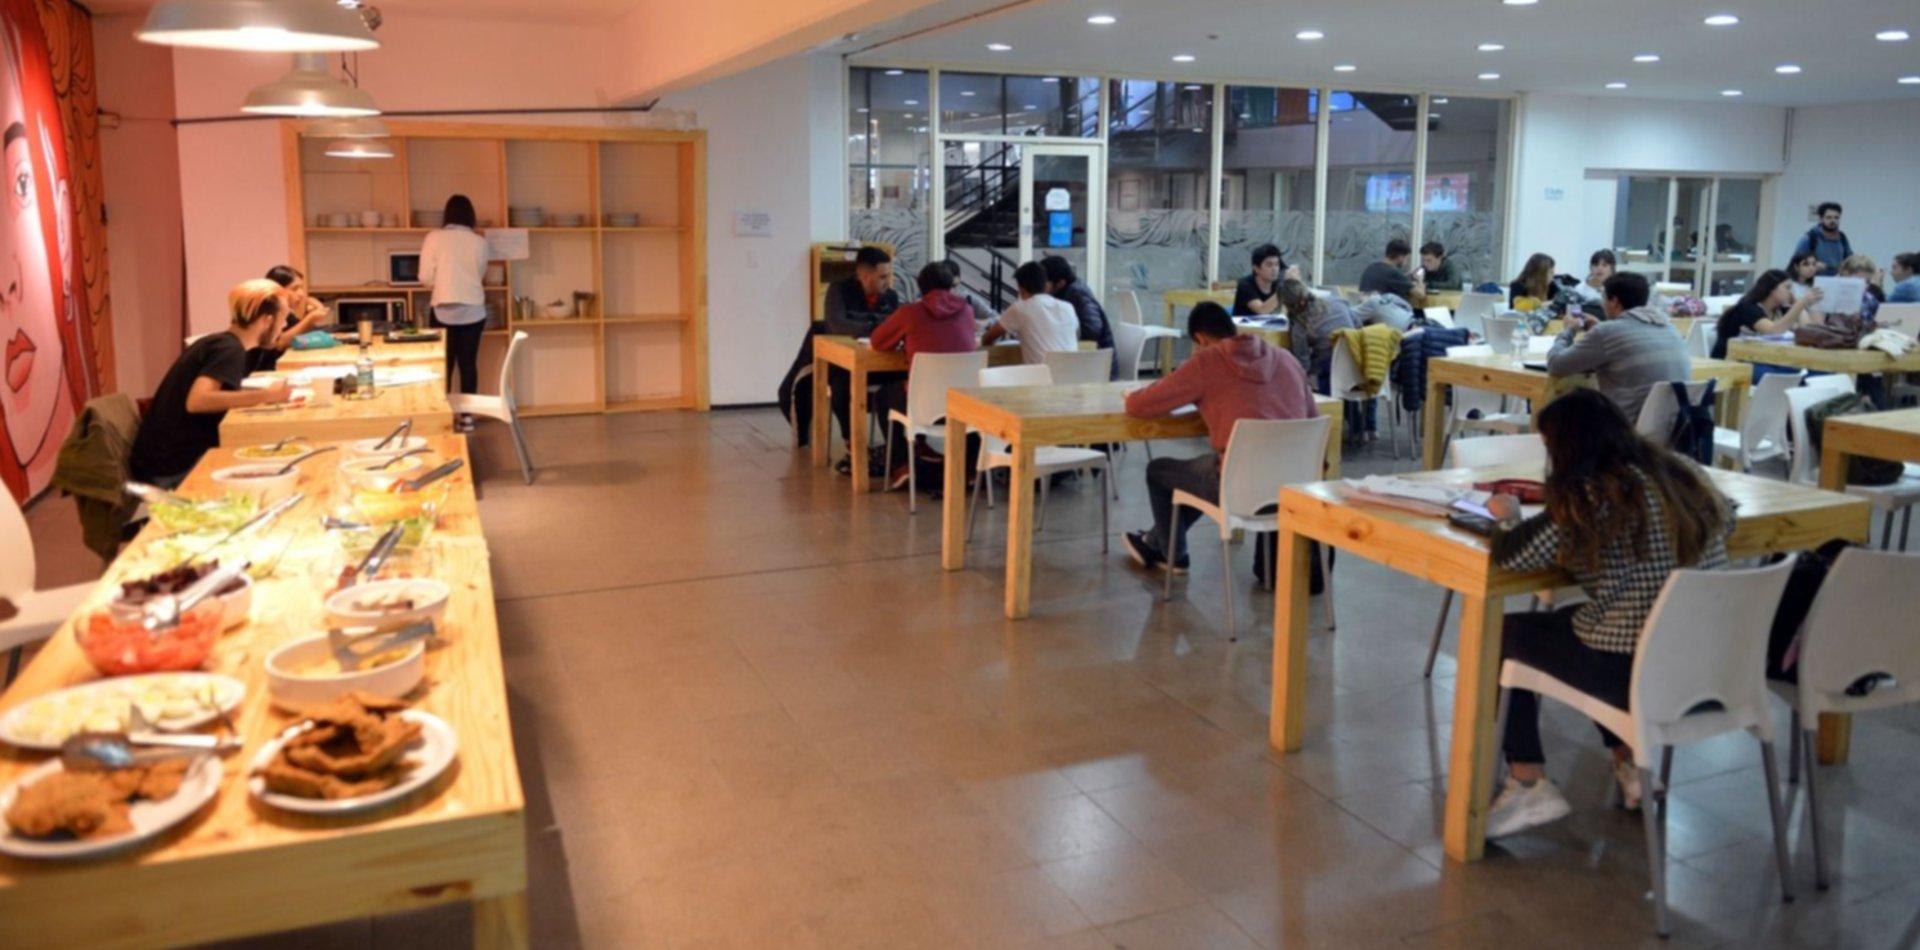 Cómo funcionan, qué ofrecen y cuánto sale comer en los buffet de las facultades de la UNLP